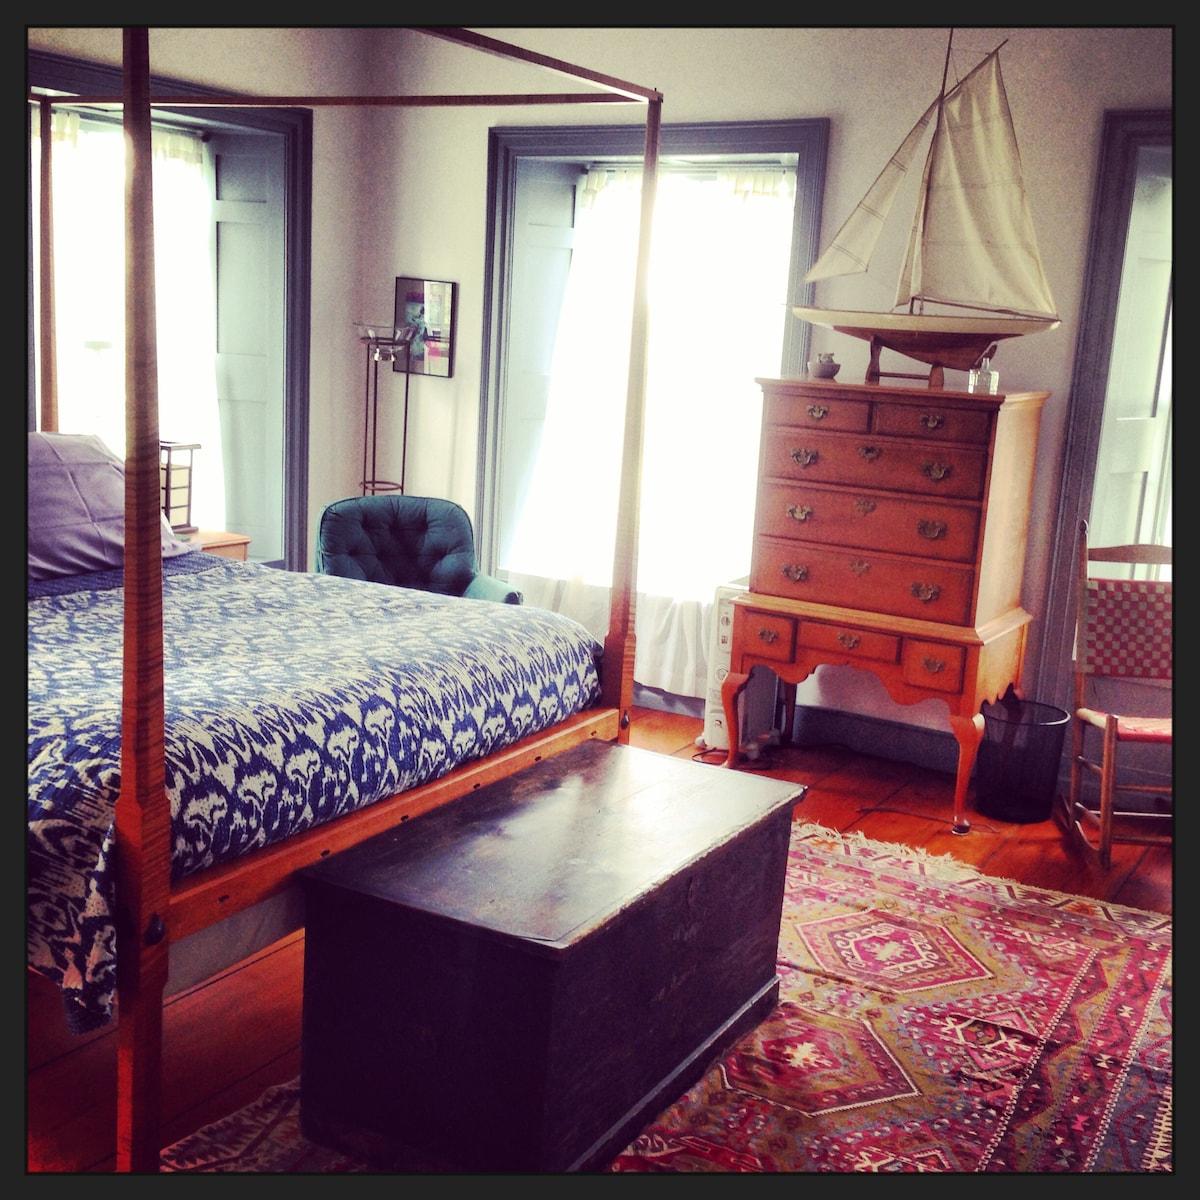 Aria B&B Master Bedroom - Queen Bed